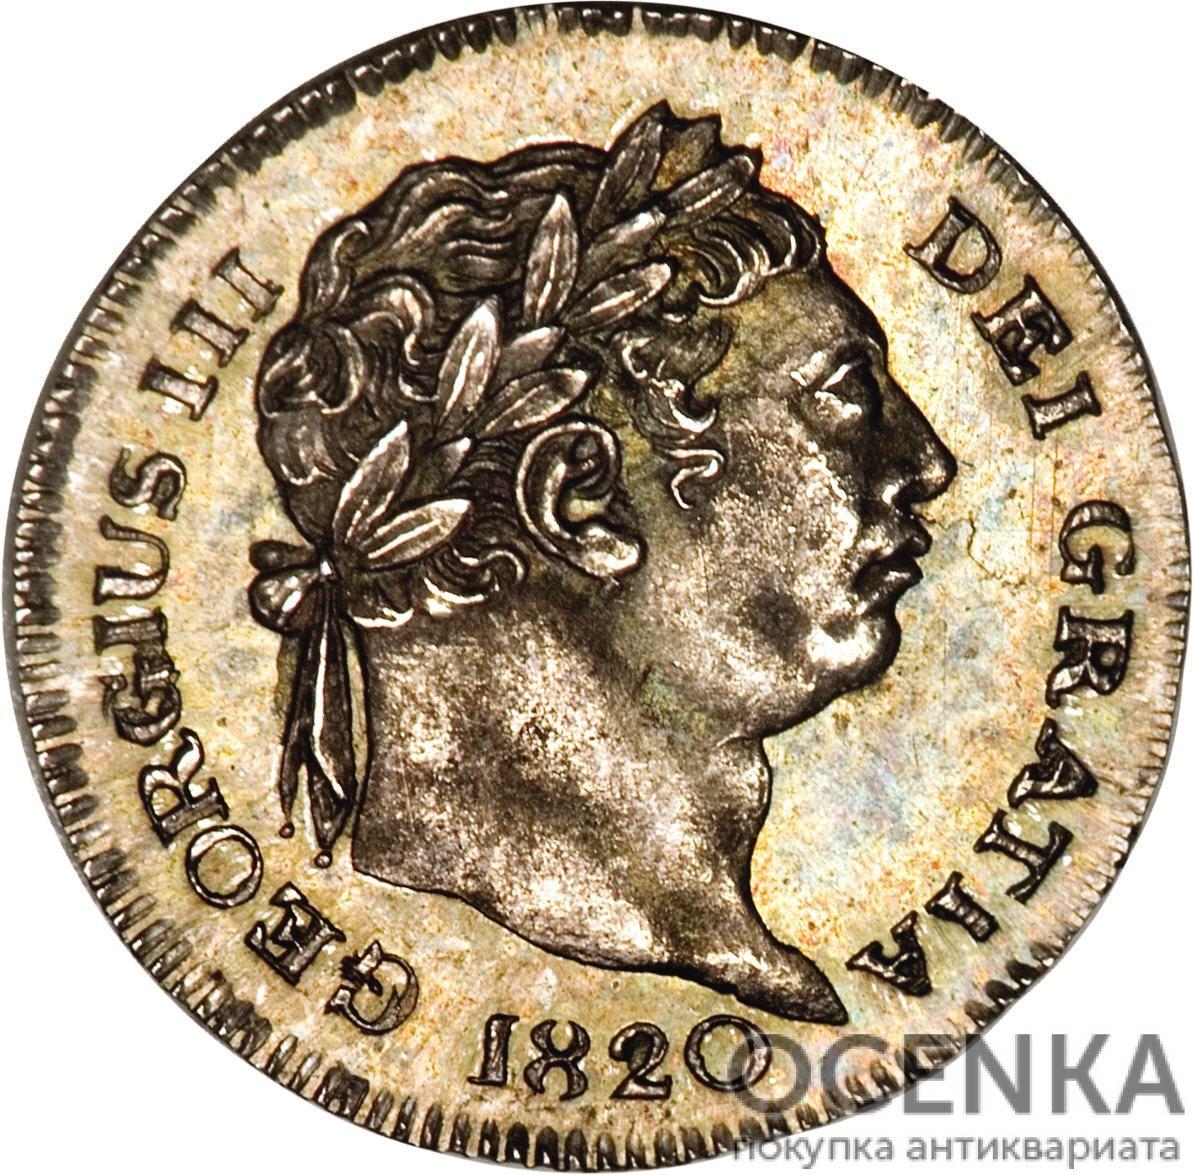 Серебряная монета 1 Пенни (1 Penny) Великобритания - 5